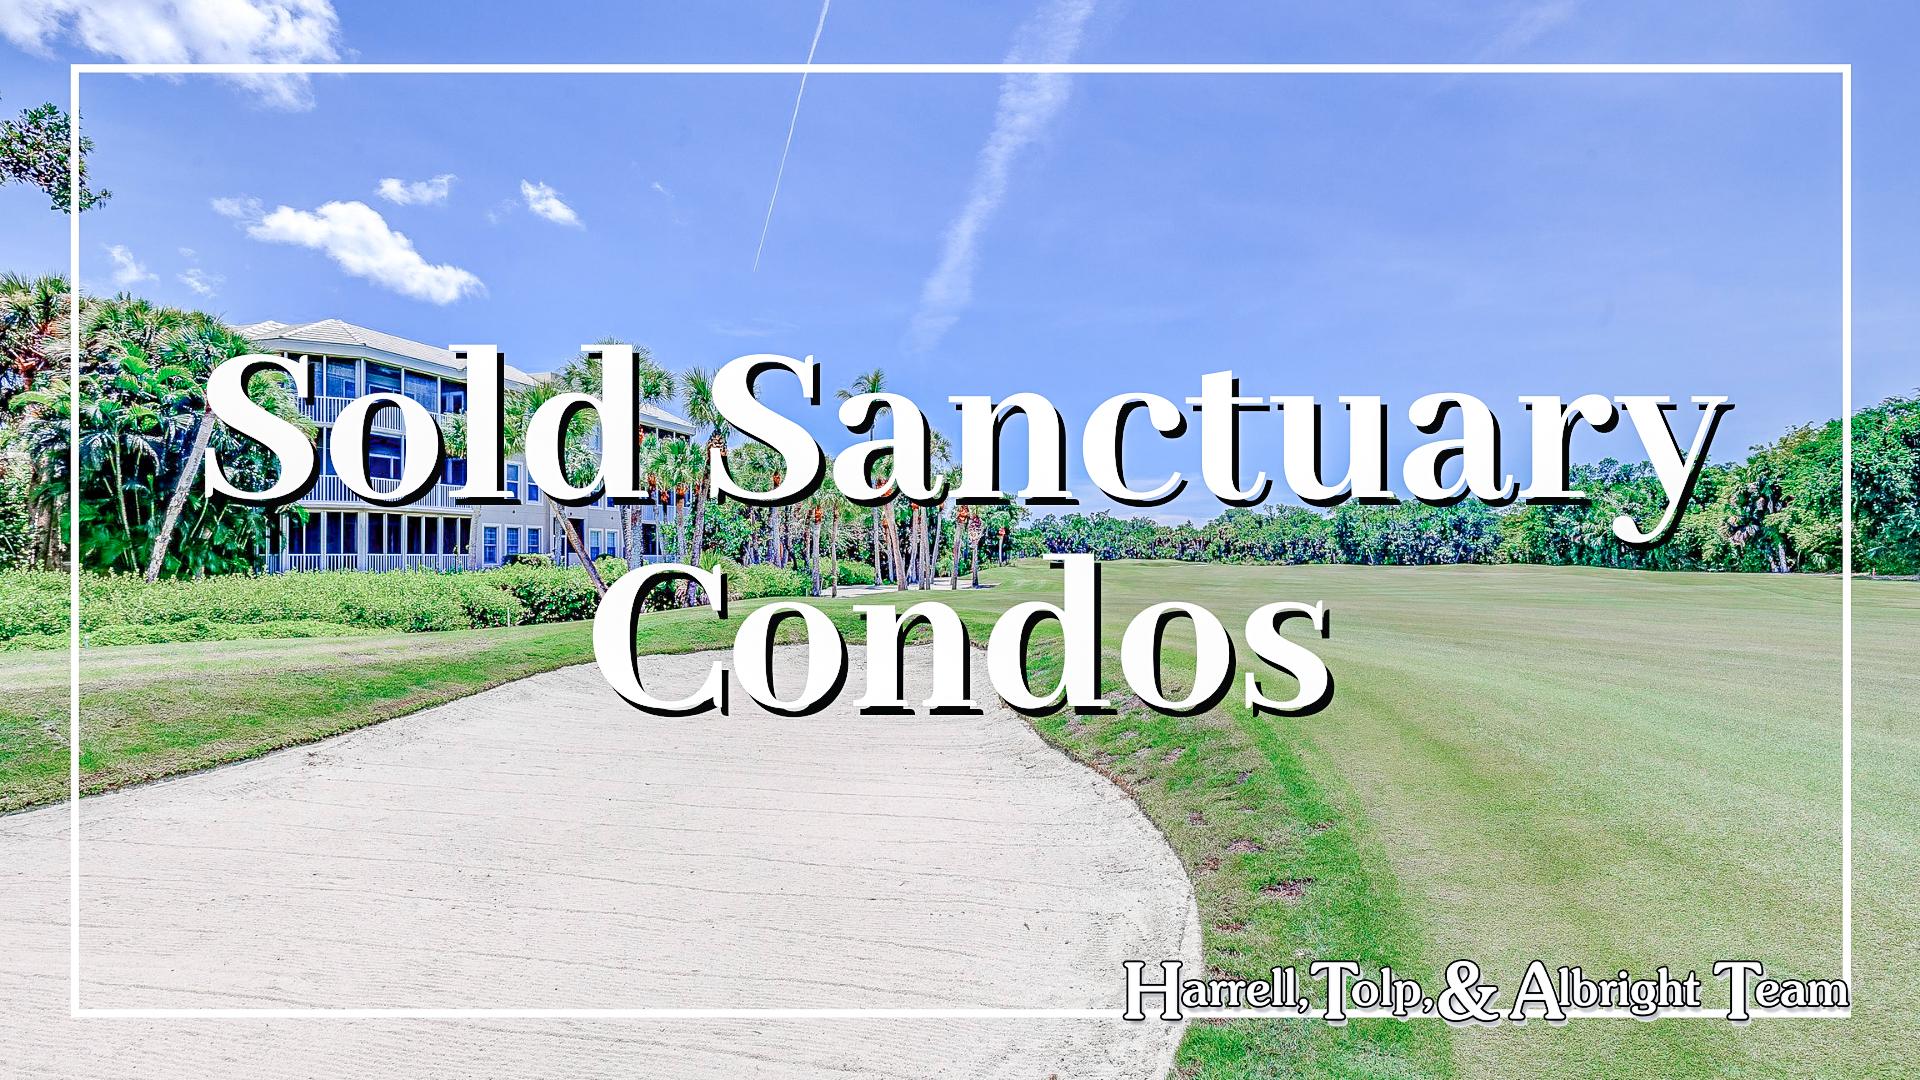 Sold Sanctuary Condos